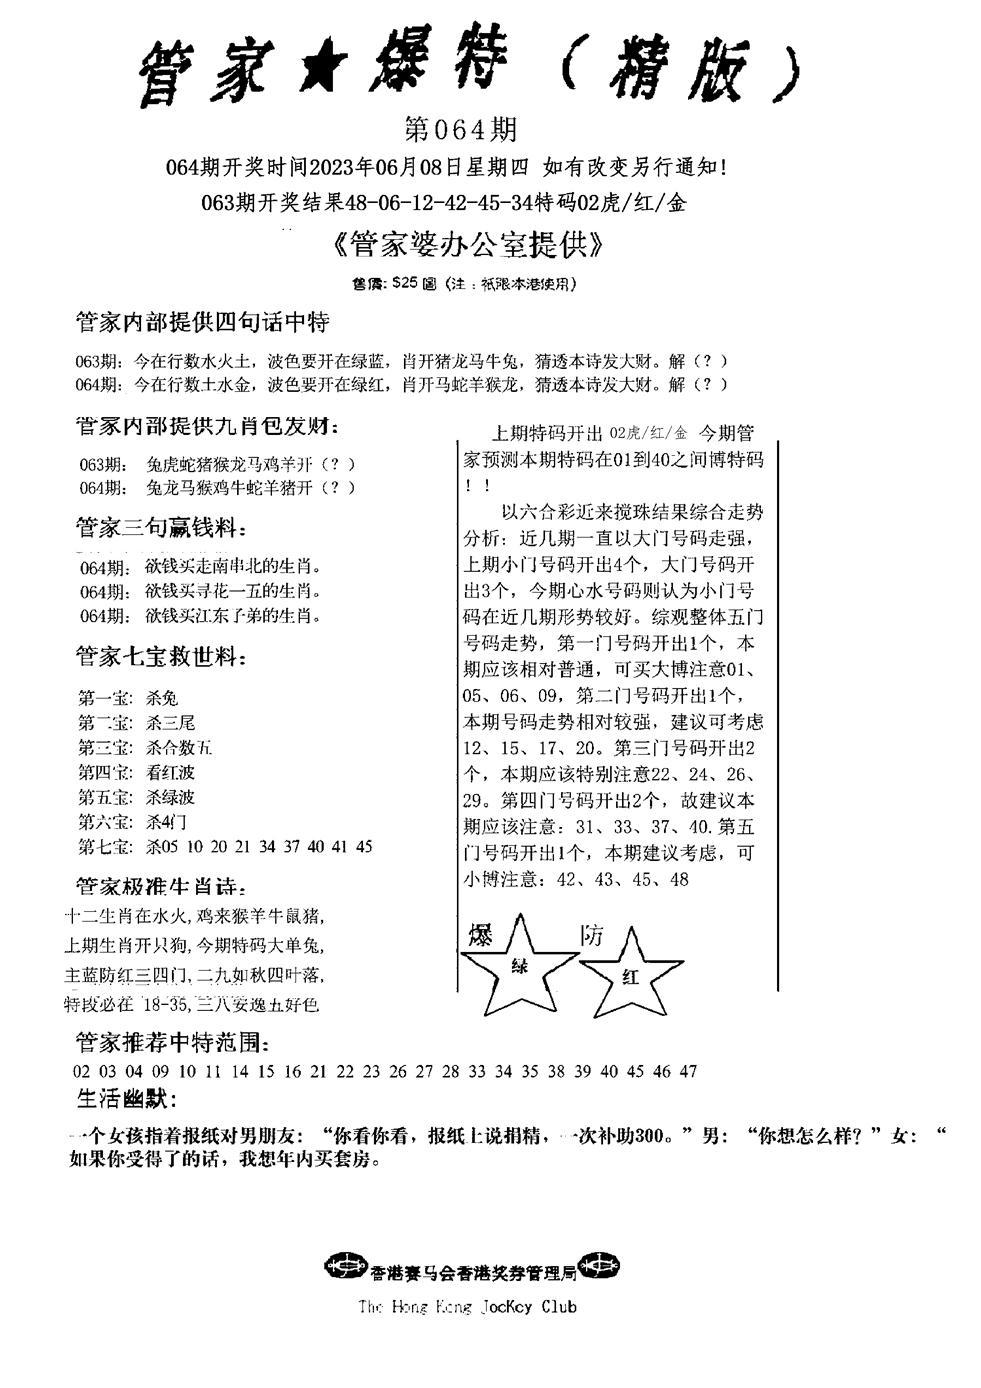 064期管家爆特精版(黑白)